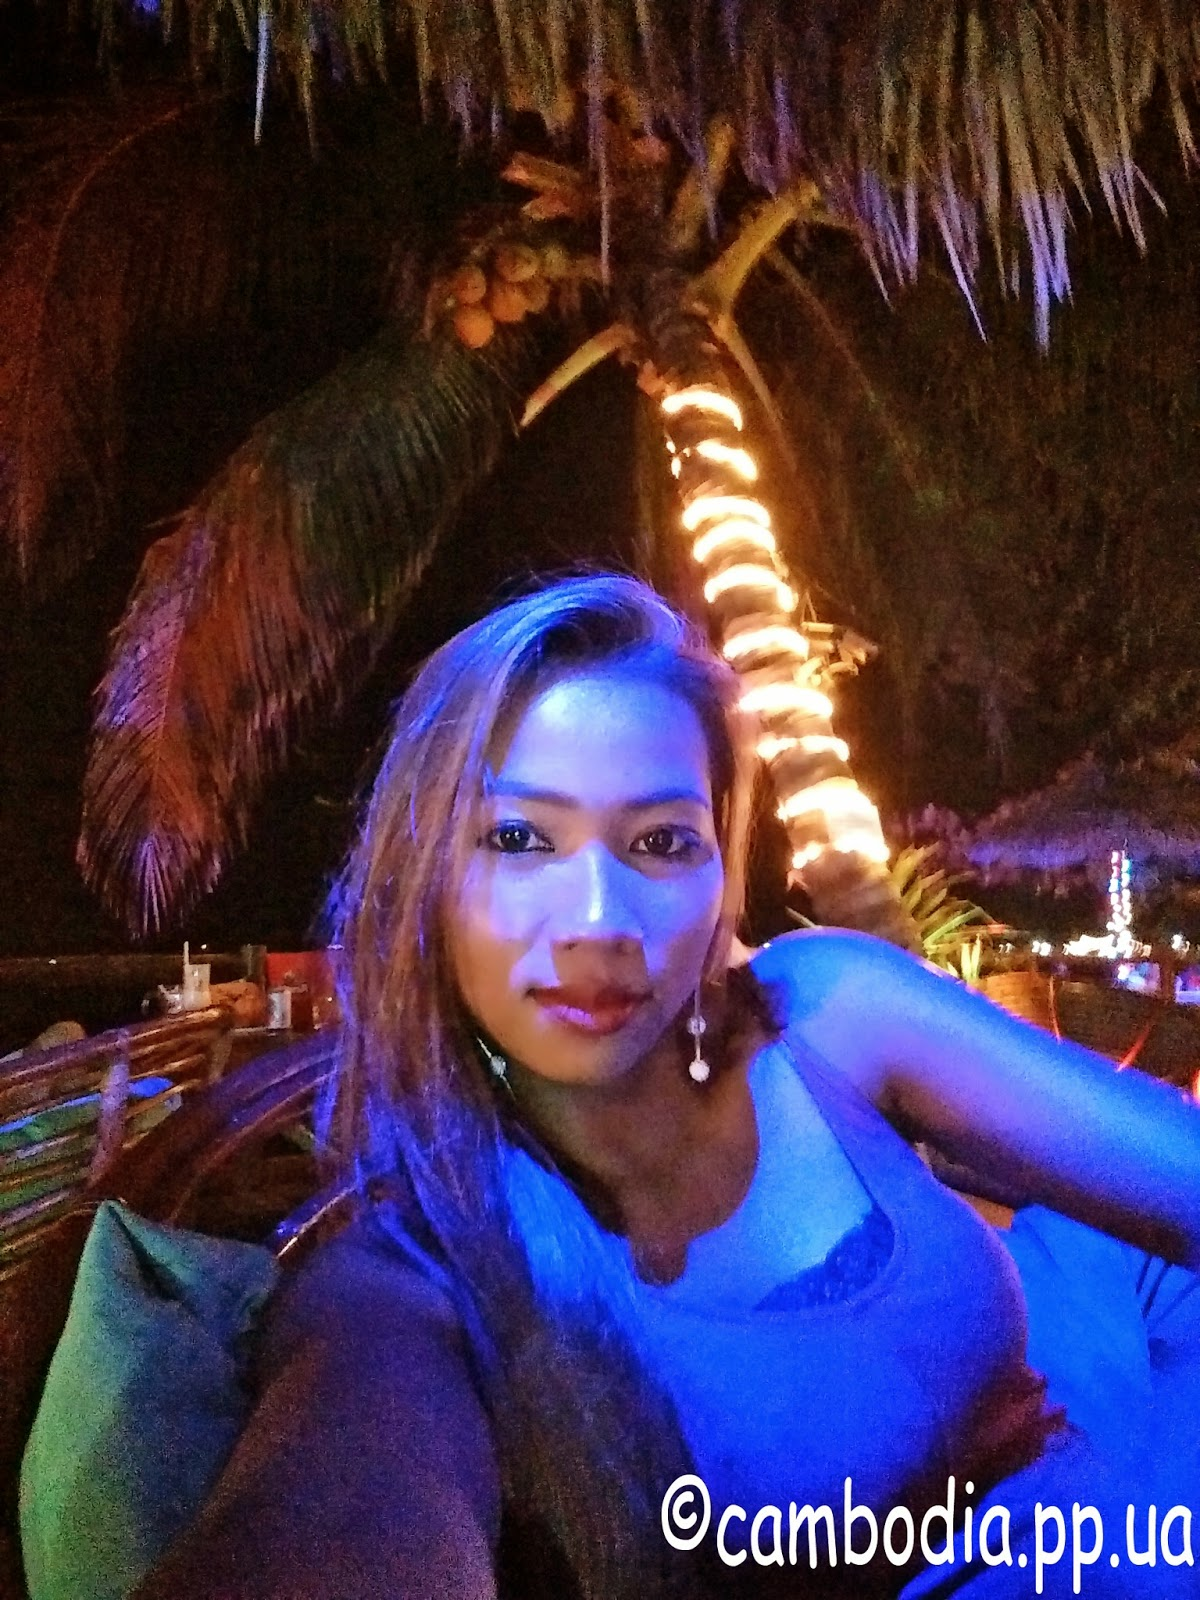 Камбоджа девушки фото